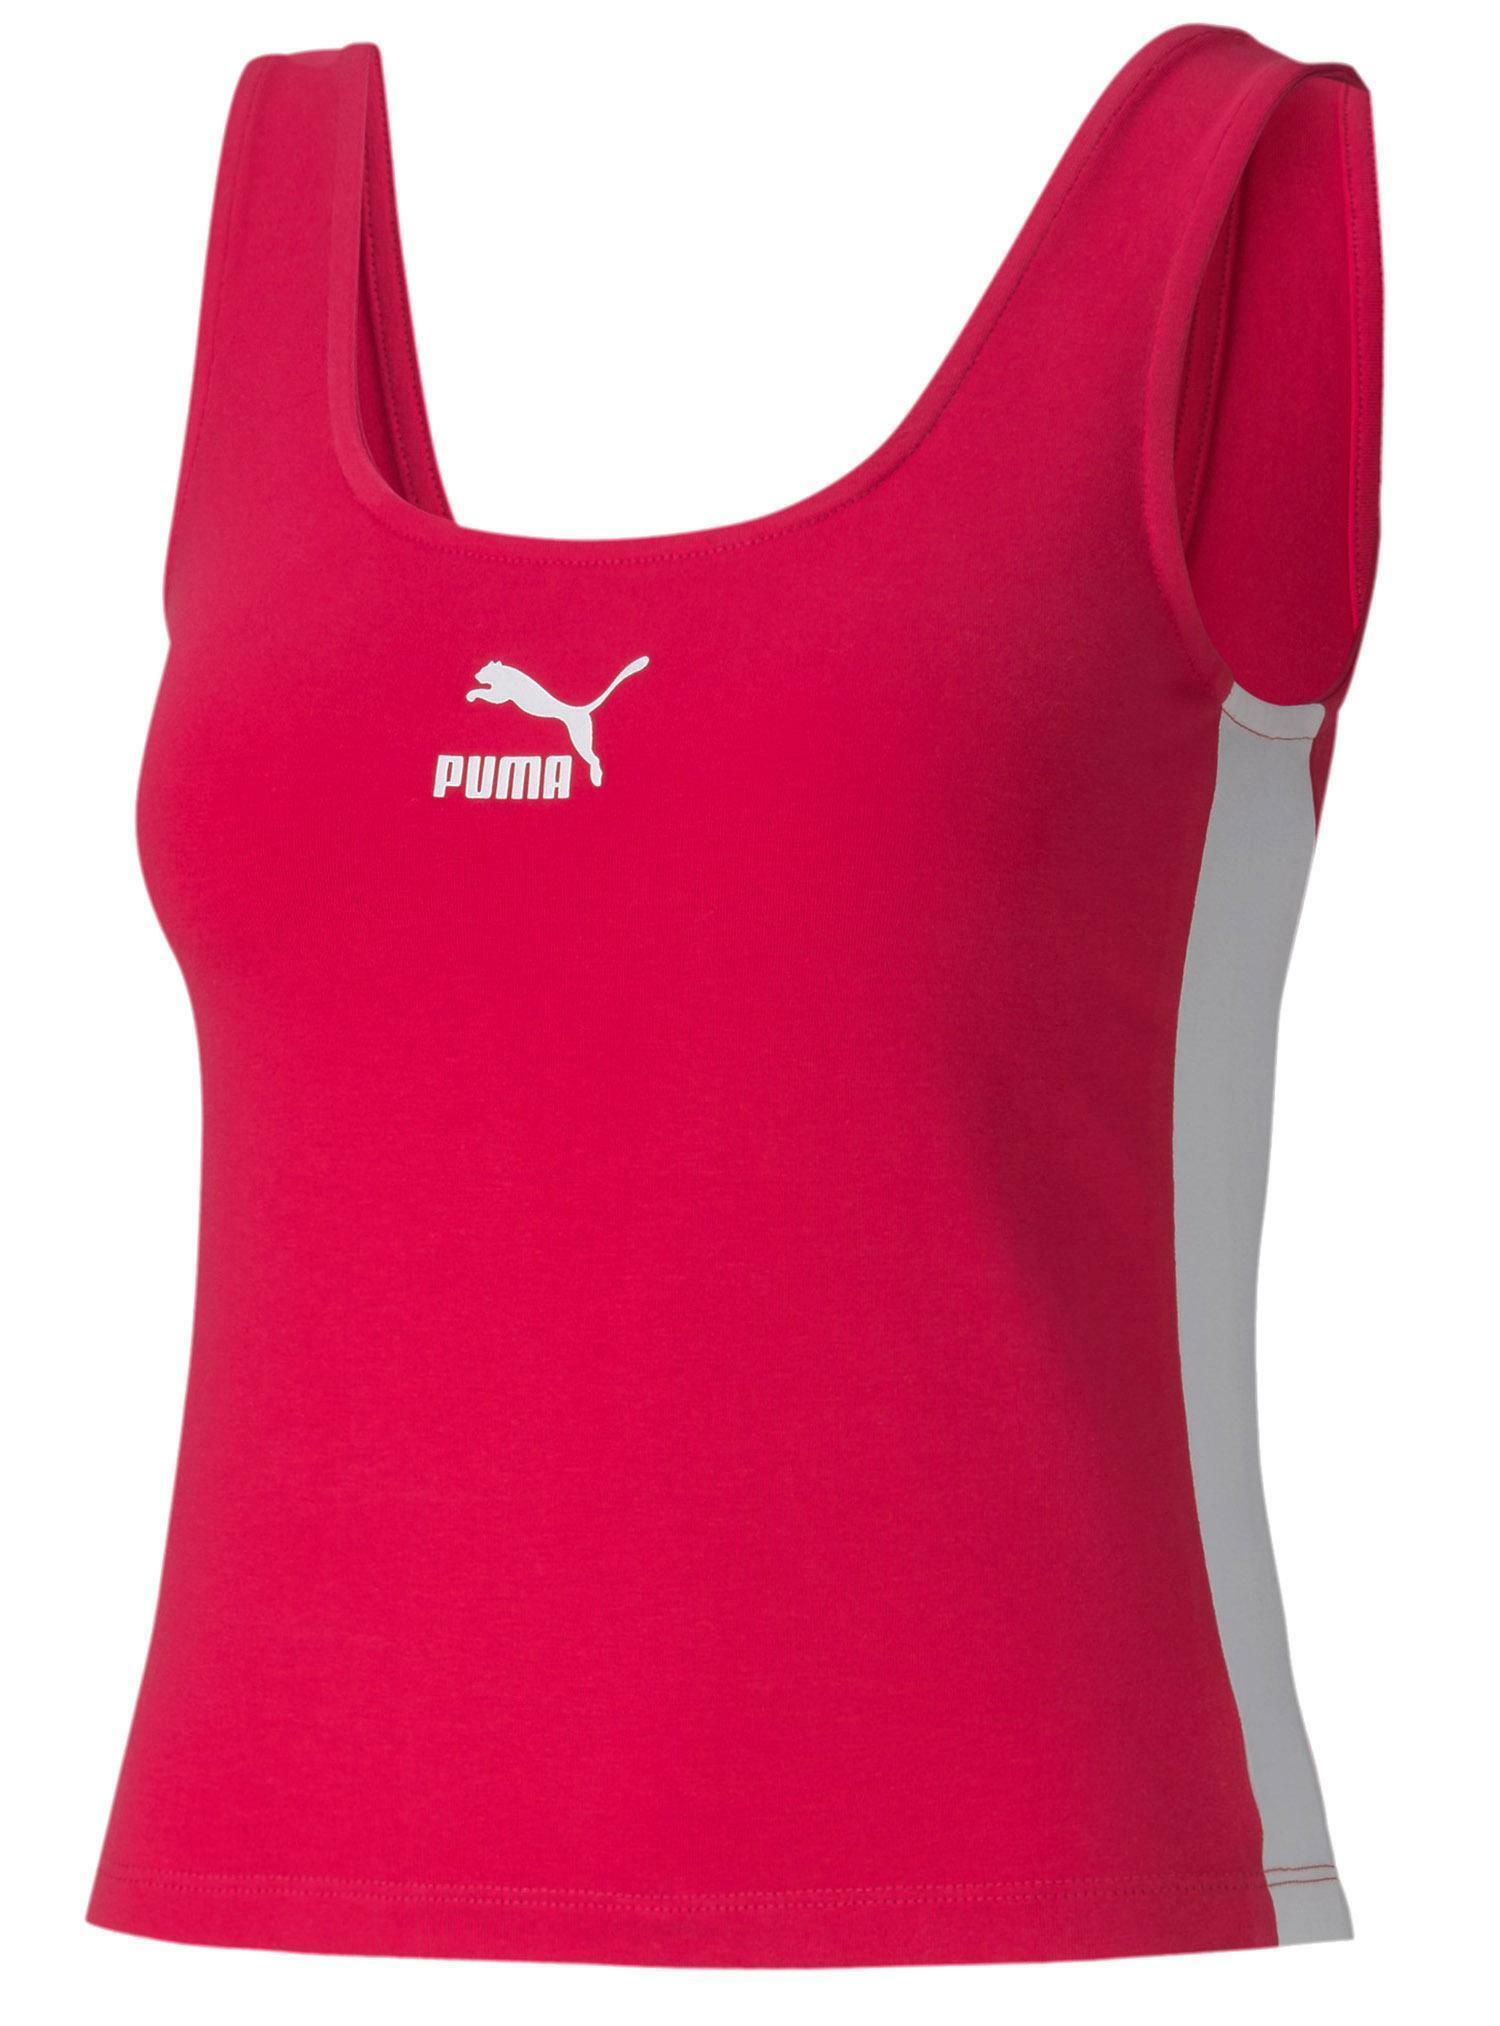 puma classics logo tank canotta donna fucsia 59621715